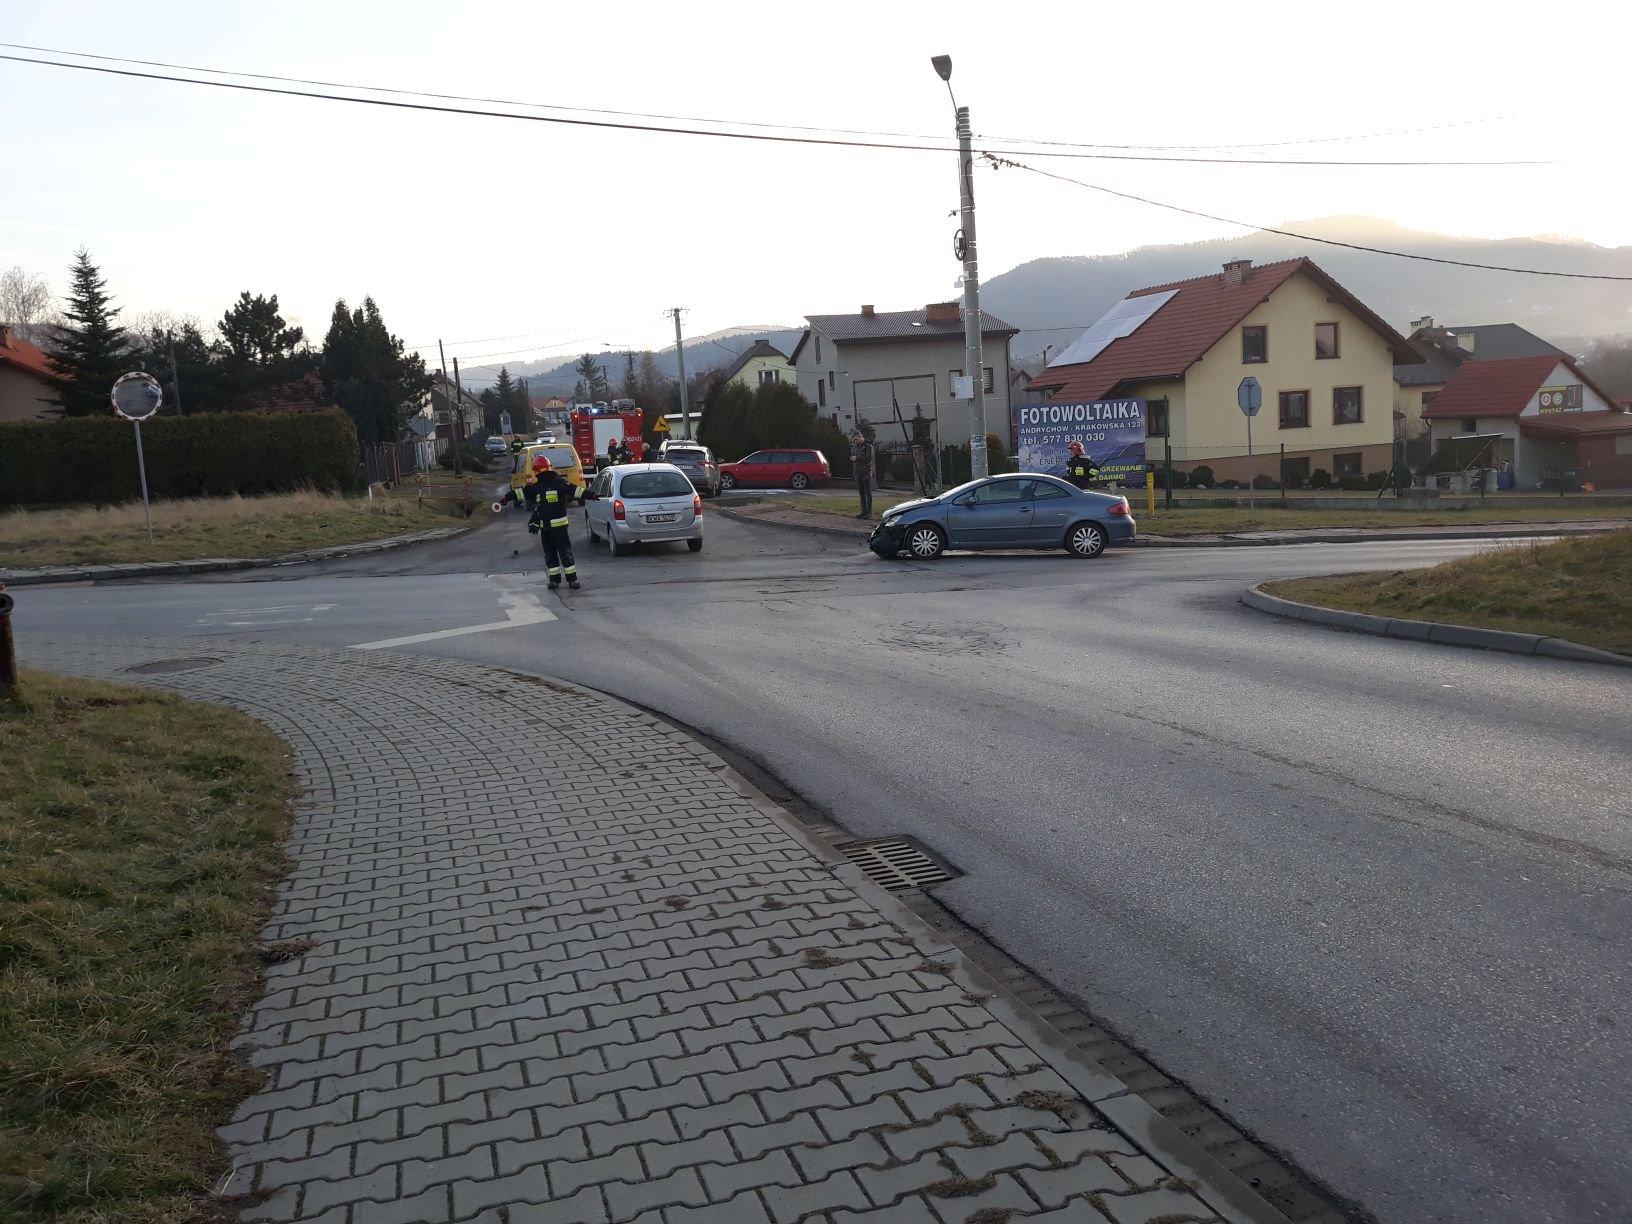 Nowy pomysł na kolizyjne skrzyżowanie w Andrychowie